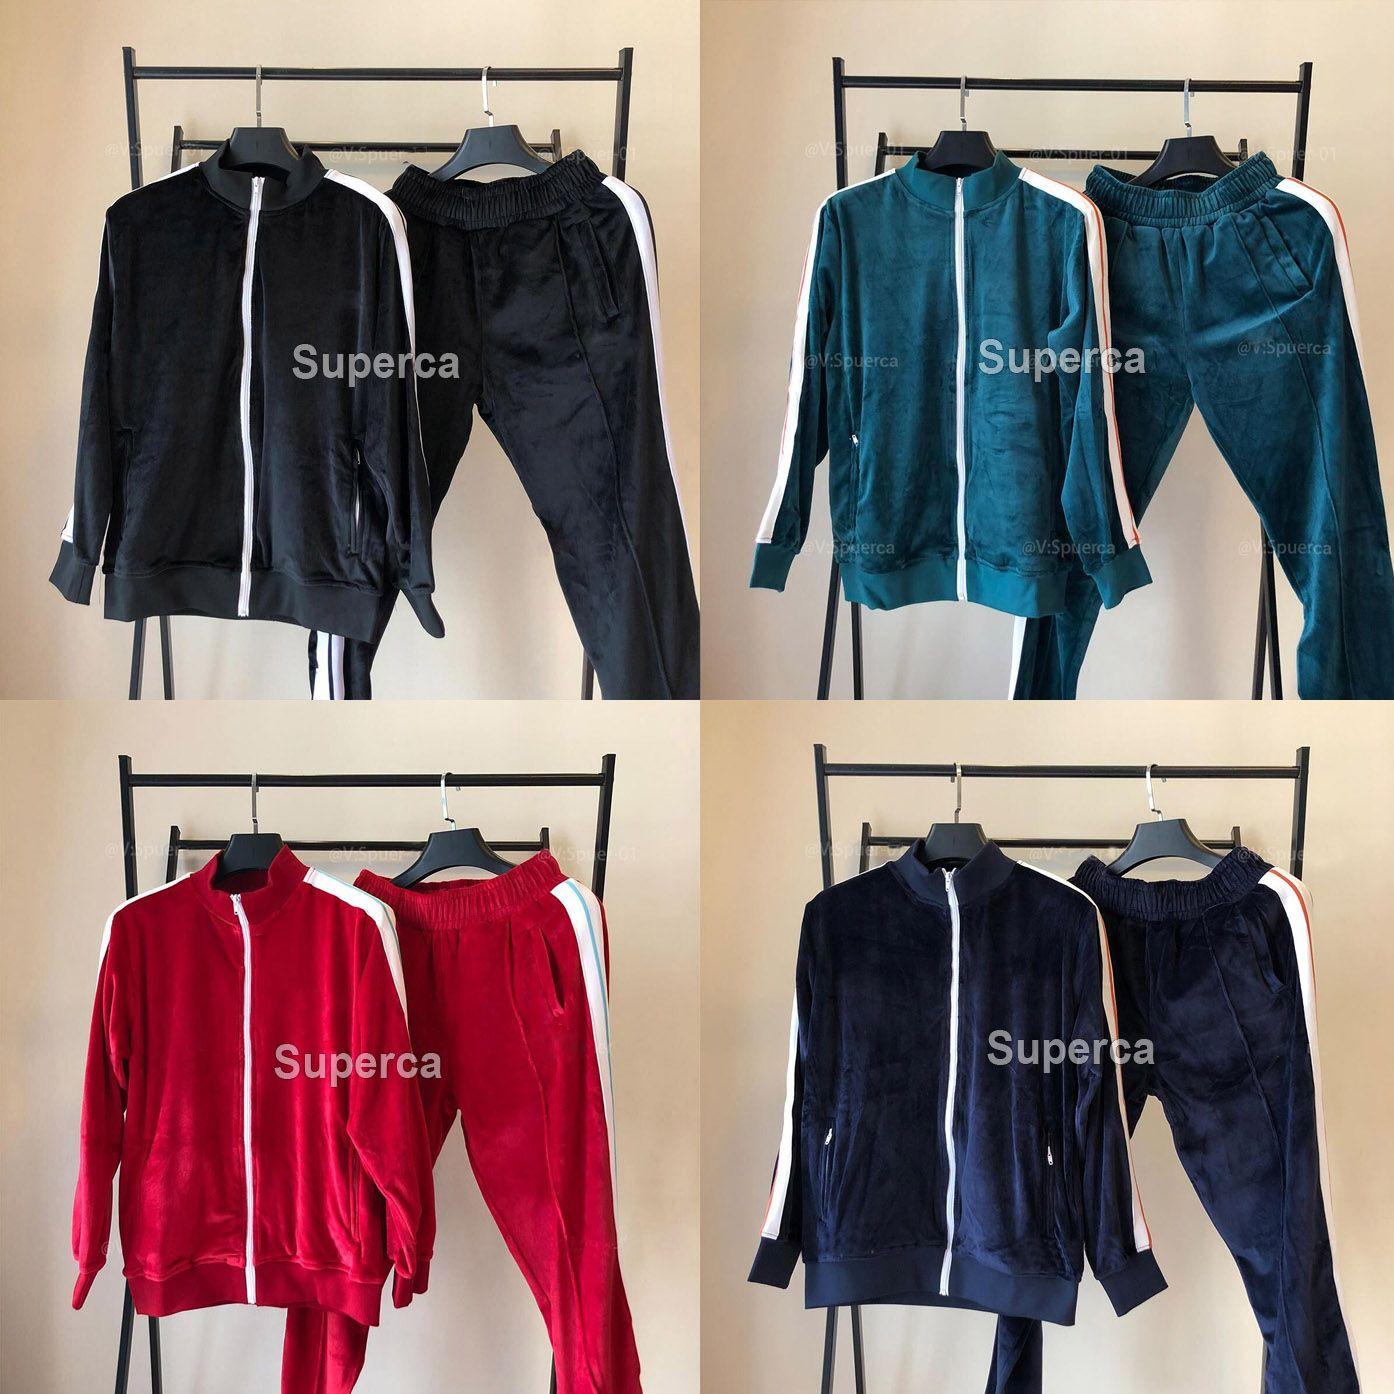 Hombre diseñadores ropa 20ss terciopelo a los hombres chándales hombres chaqueta chaqueta con capucha con pantalones hombres ropa deportiva Sudaderas con capucha chándalsuits para hombre abrigo de invierno